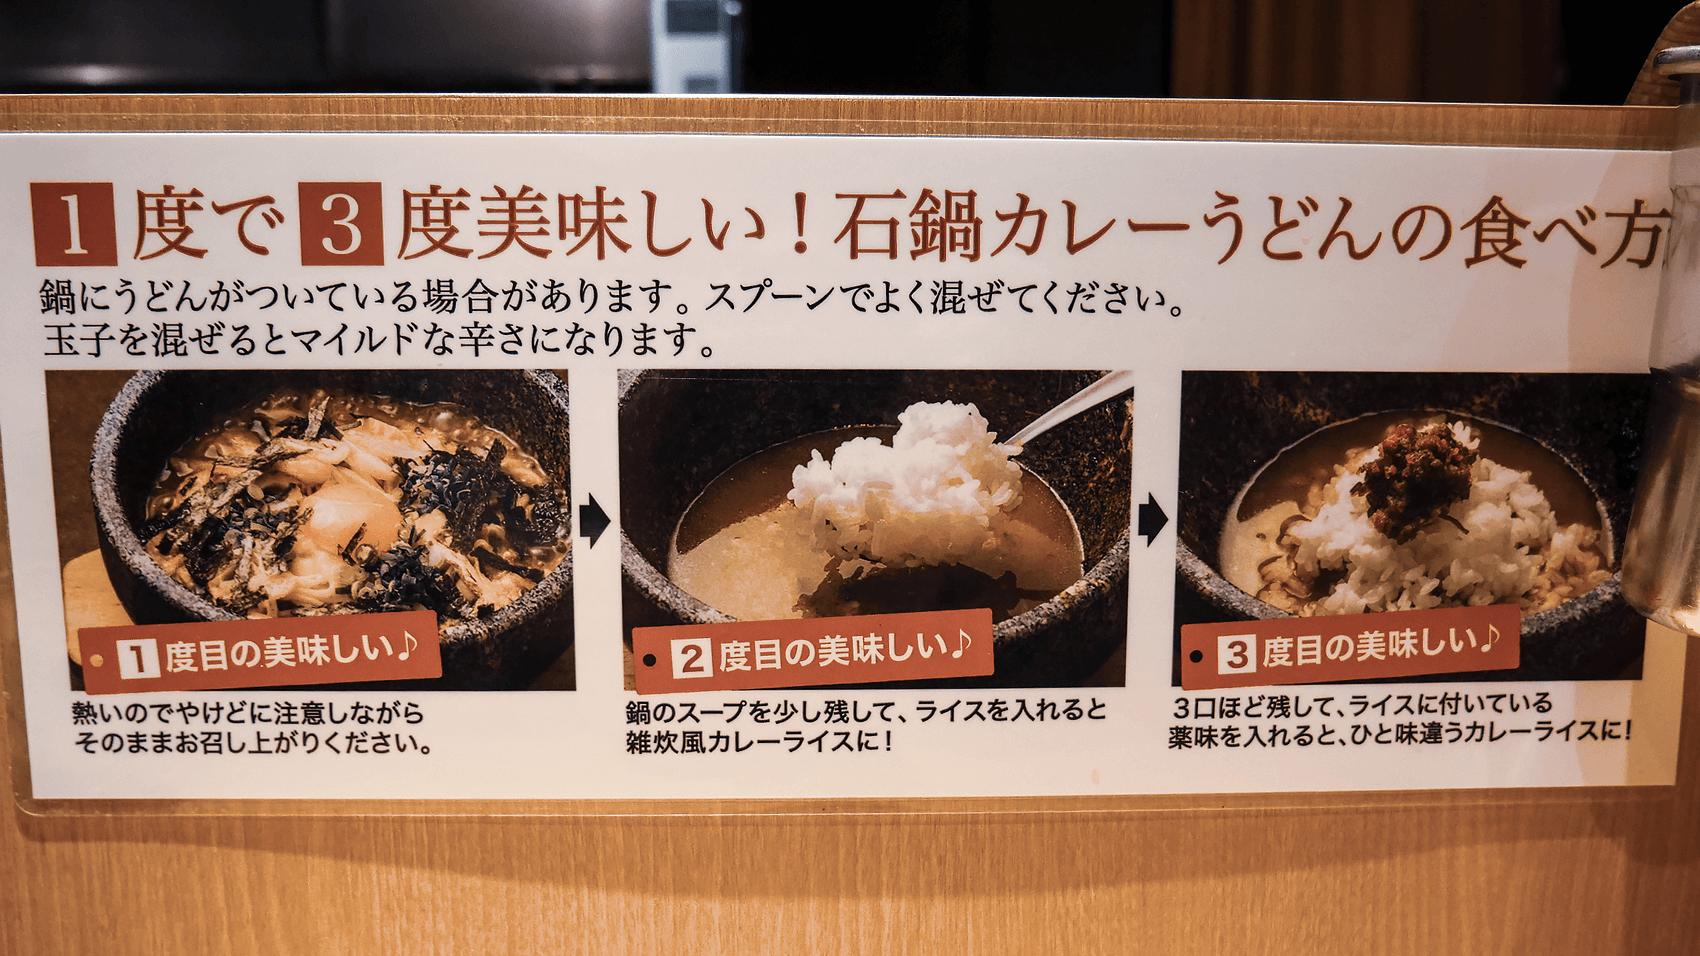 石鍋カレーうどんの美味しい食べ方